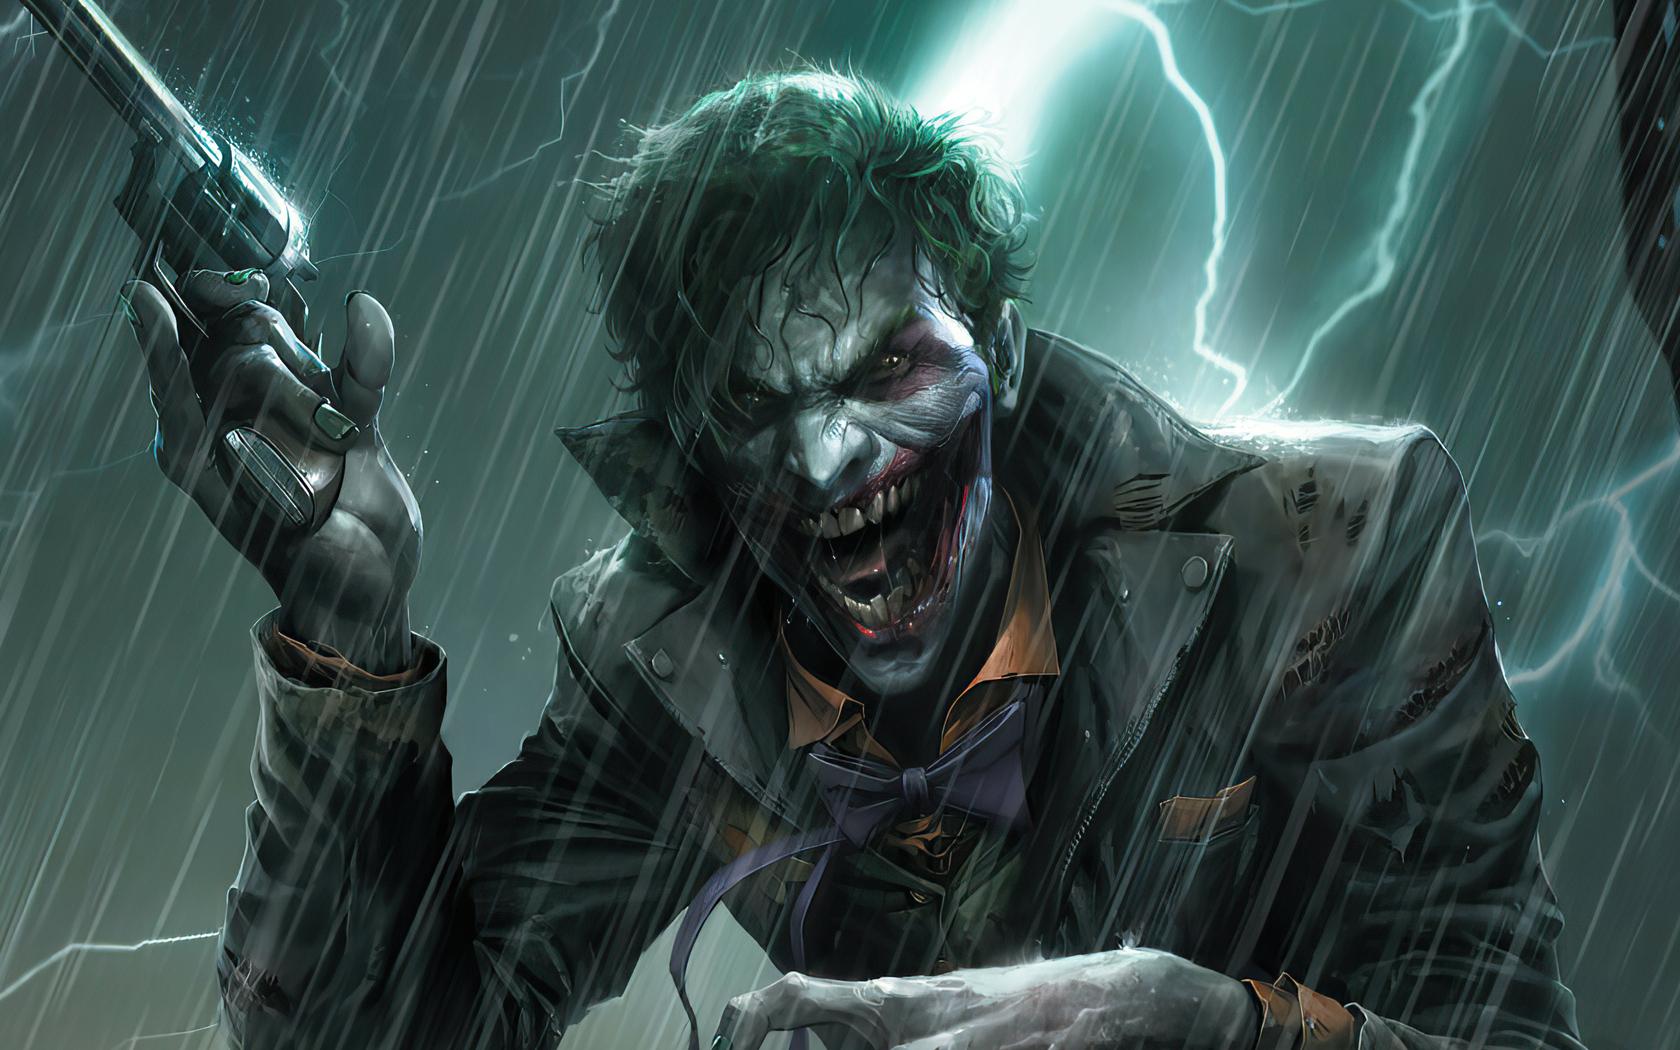 1680x1050 Joker Is Coming 4k 1680x1050 Resolution HD 4k ...